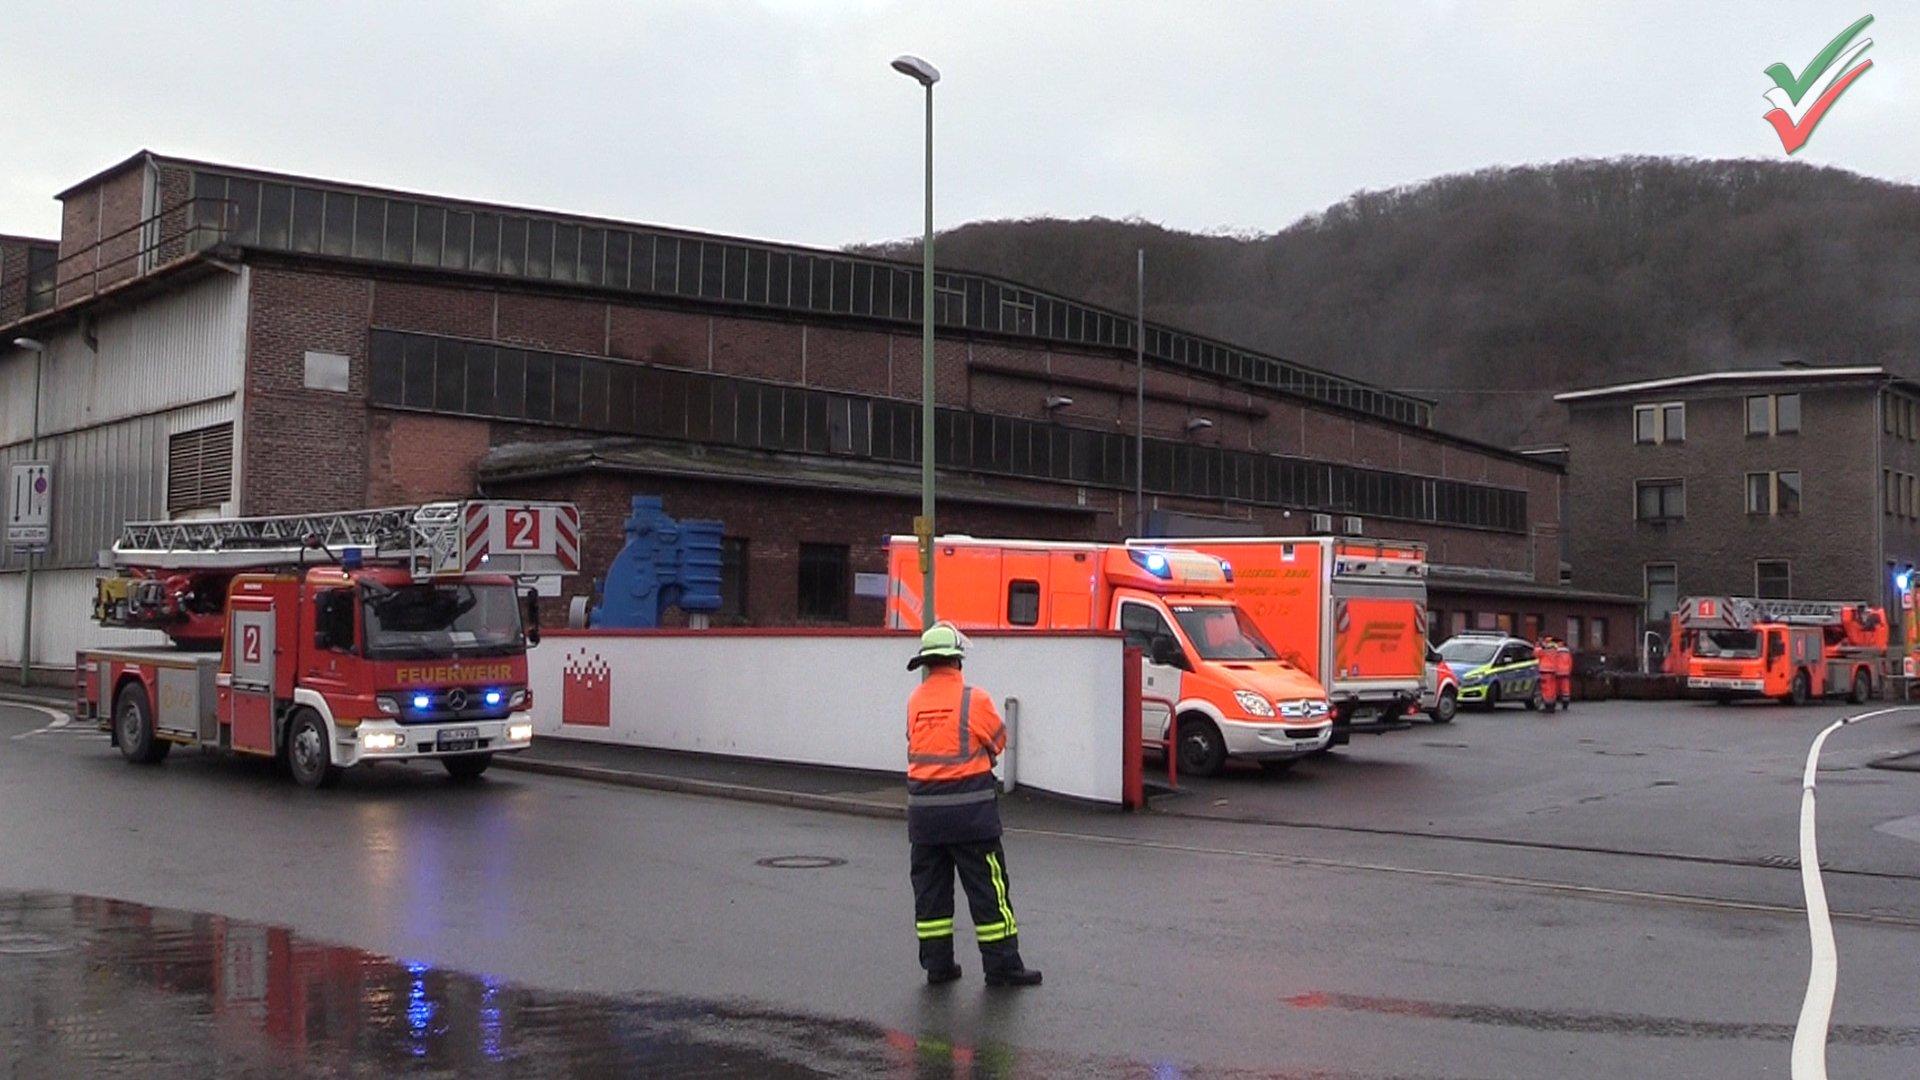 Feuerwehreinsatz Heute Köln